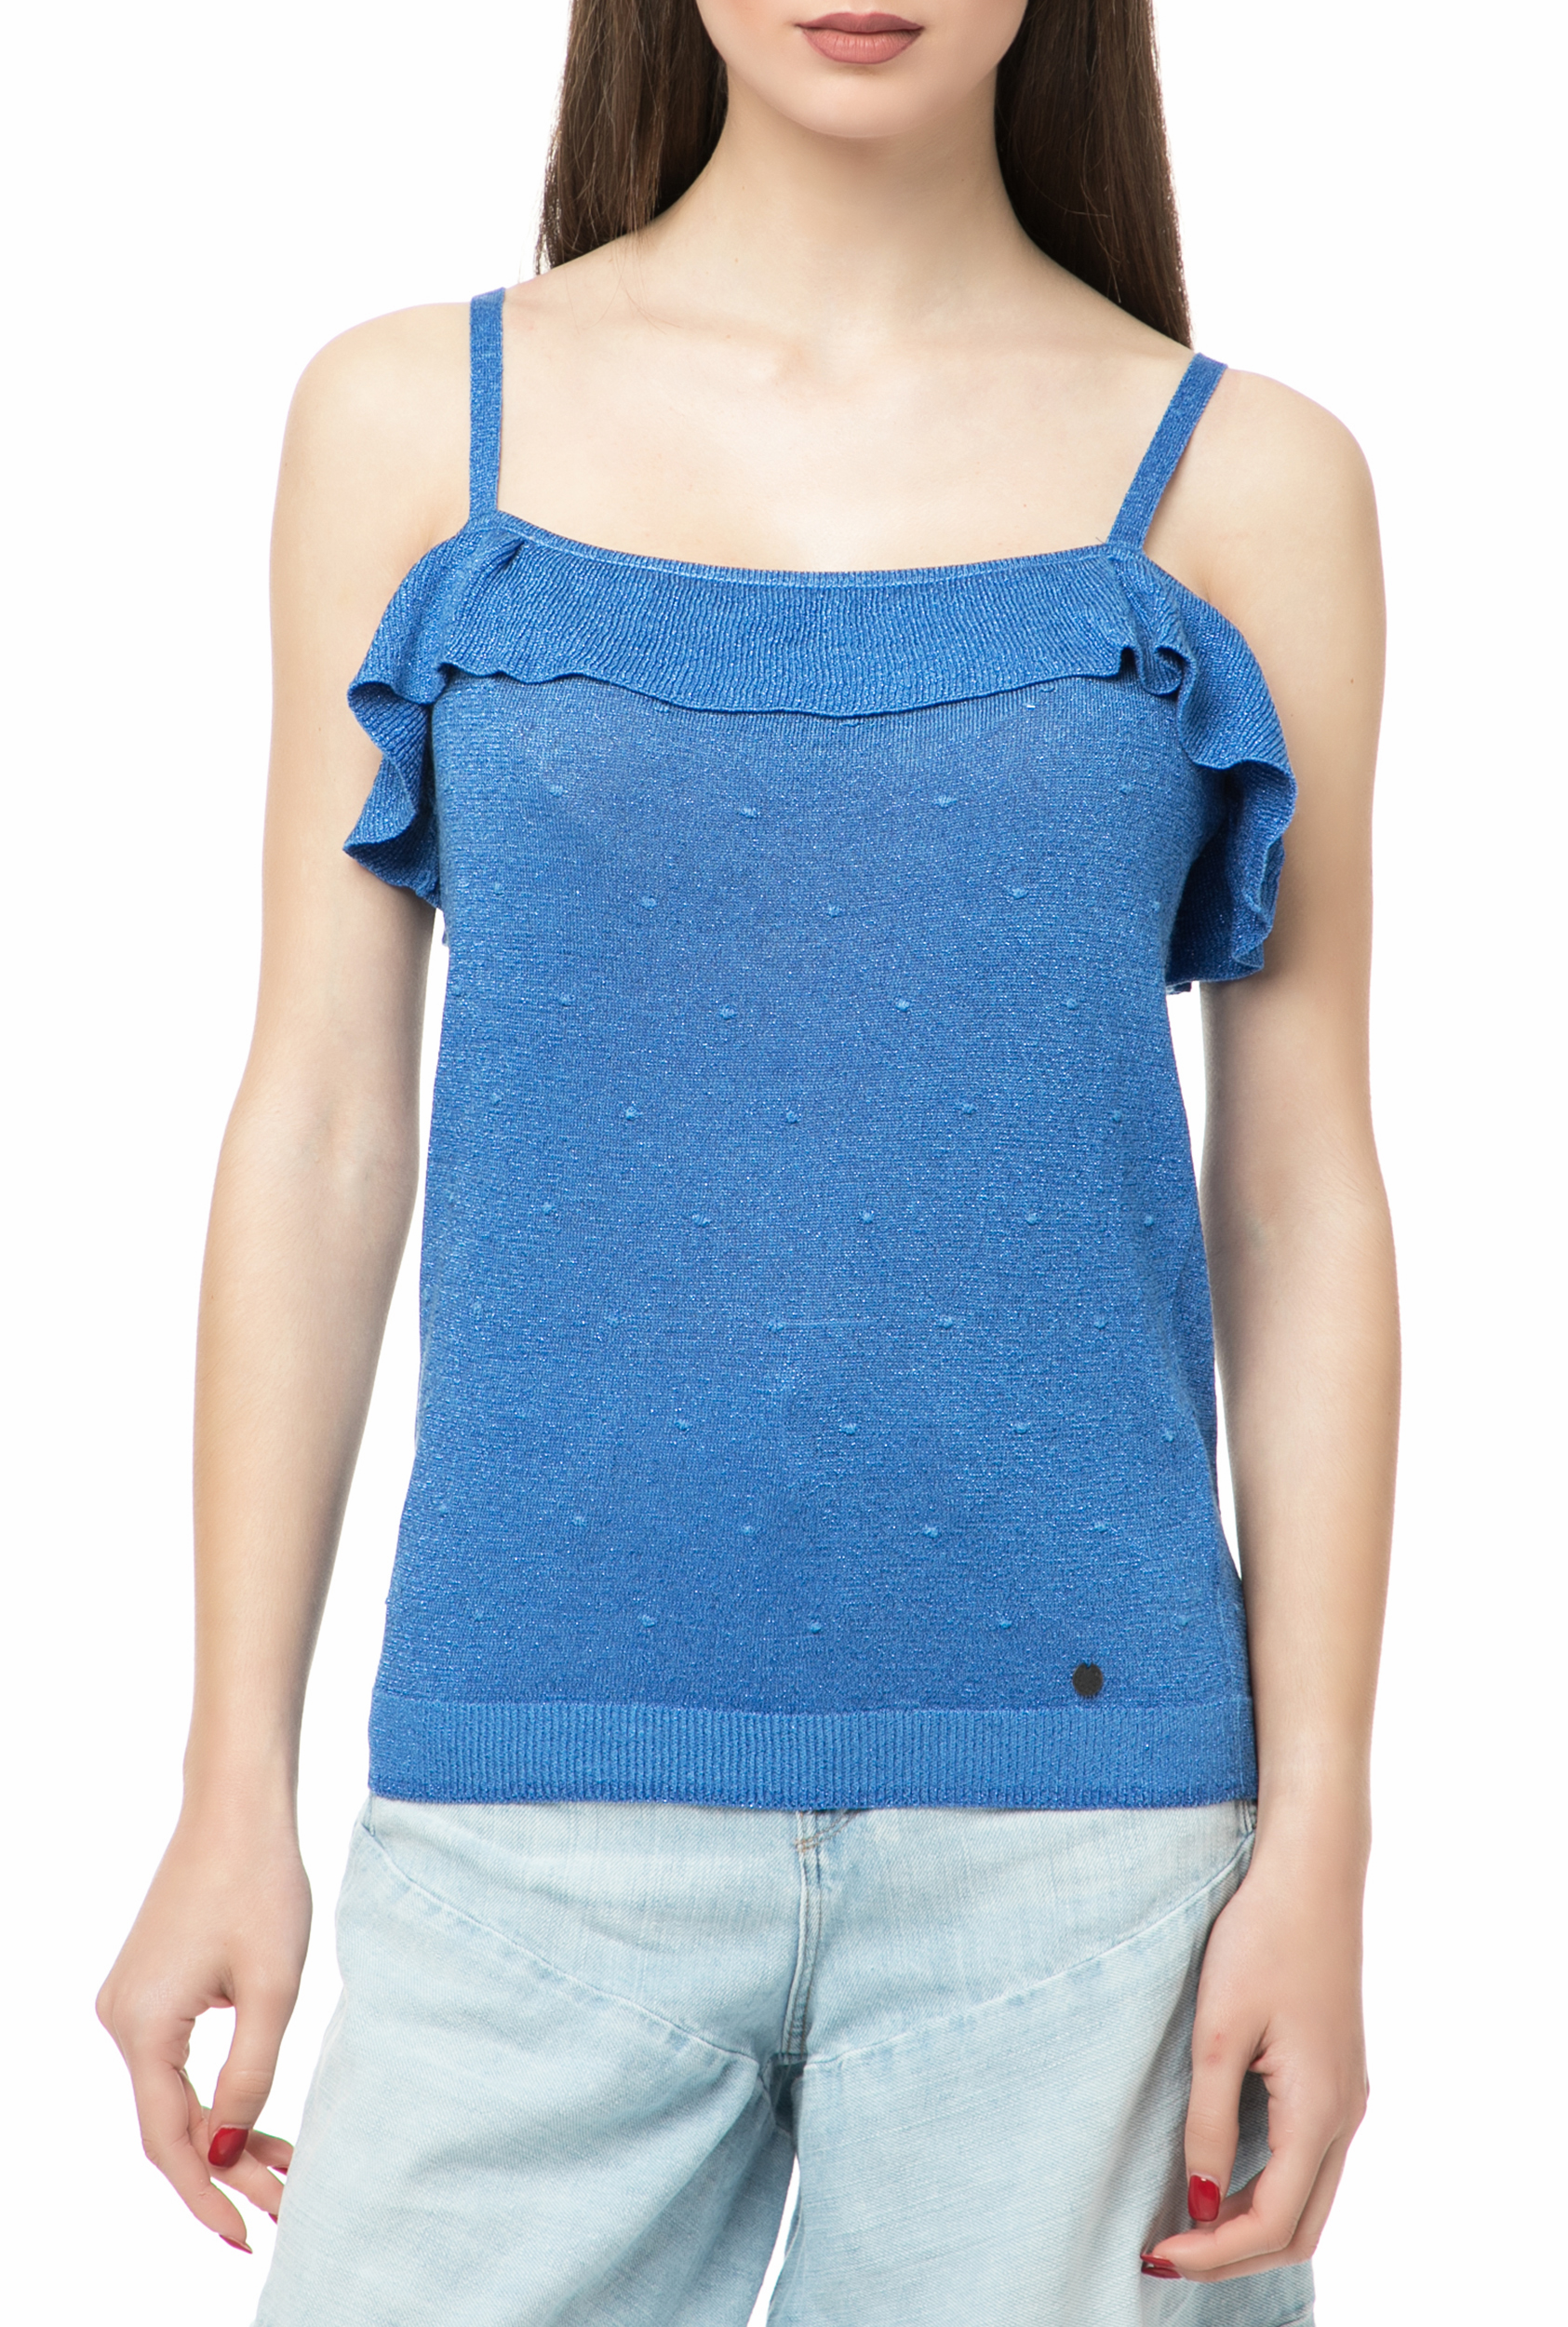 8398a7bd7f26 NUMPH - Γυναικείο τοπ με βολάν NUMPH μπλε